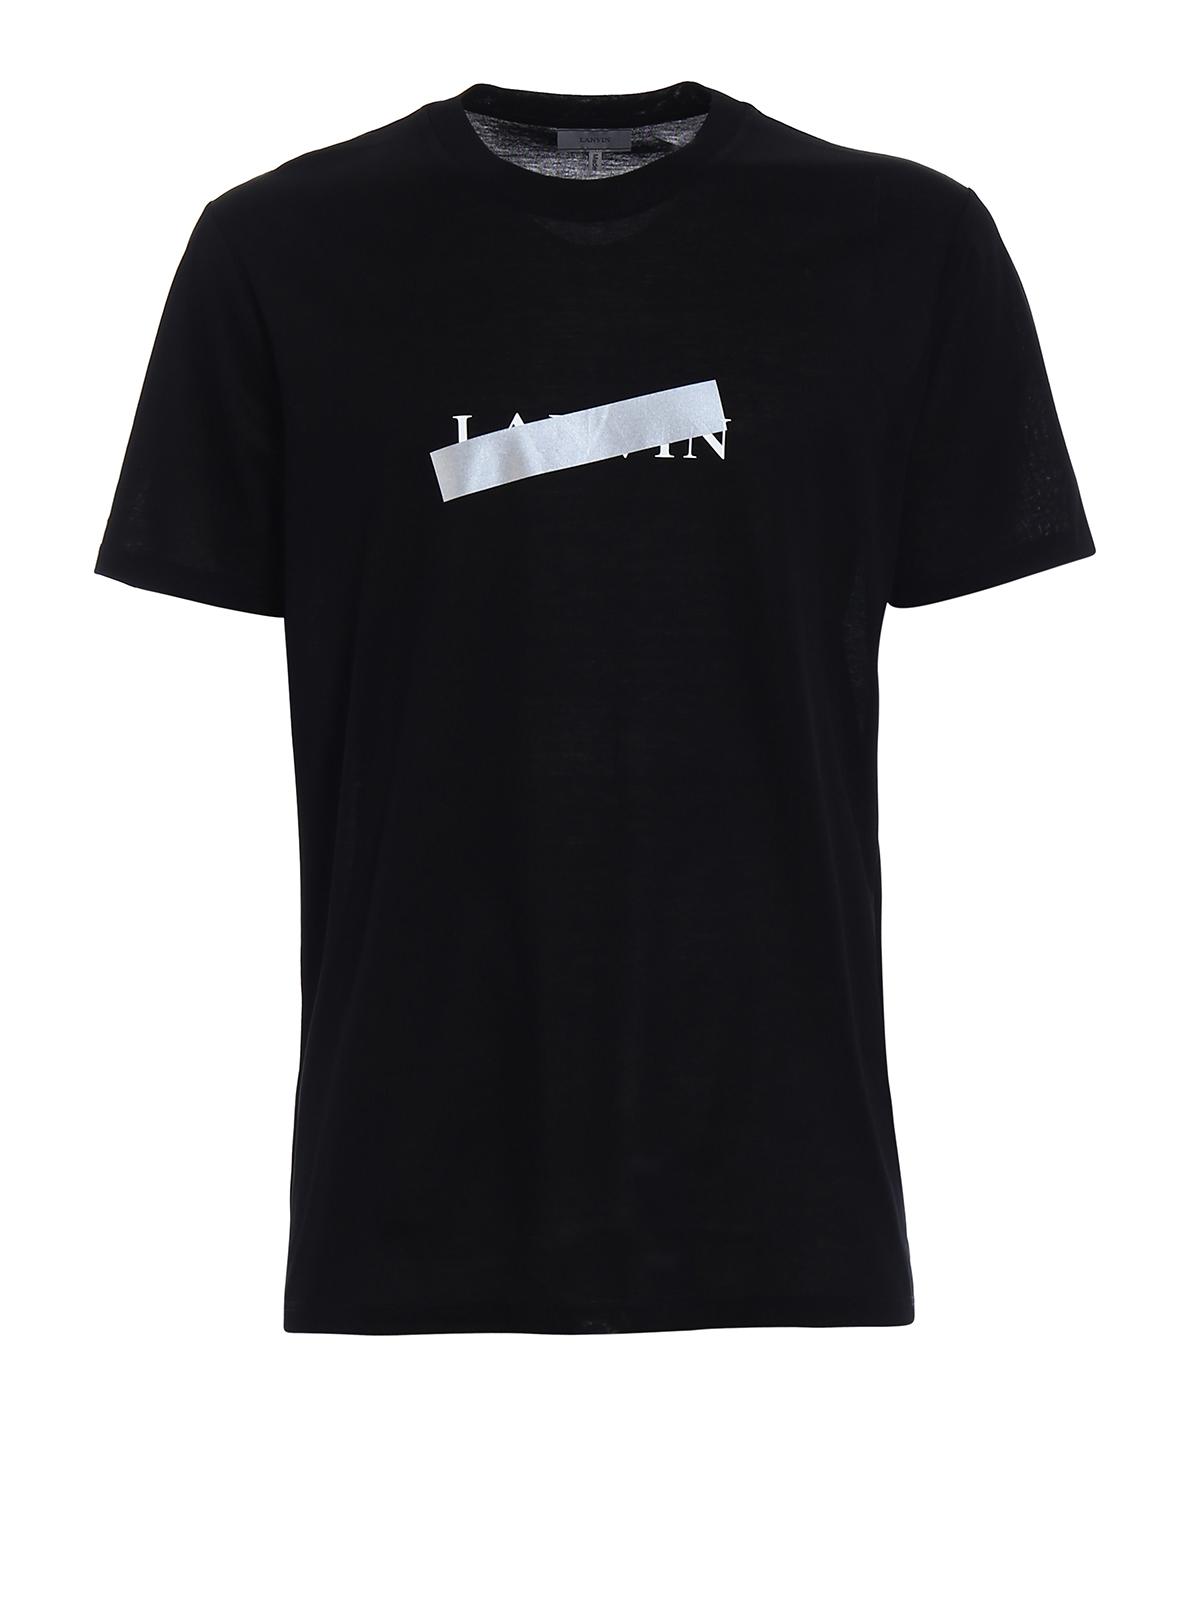 lanvin logo black tshirt by lanvin tshirts ikrix